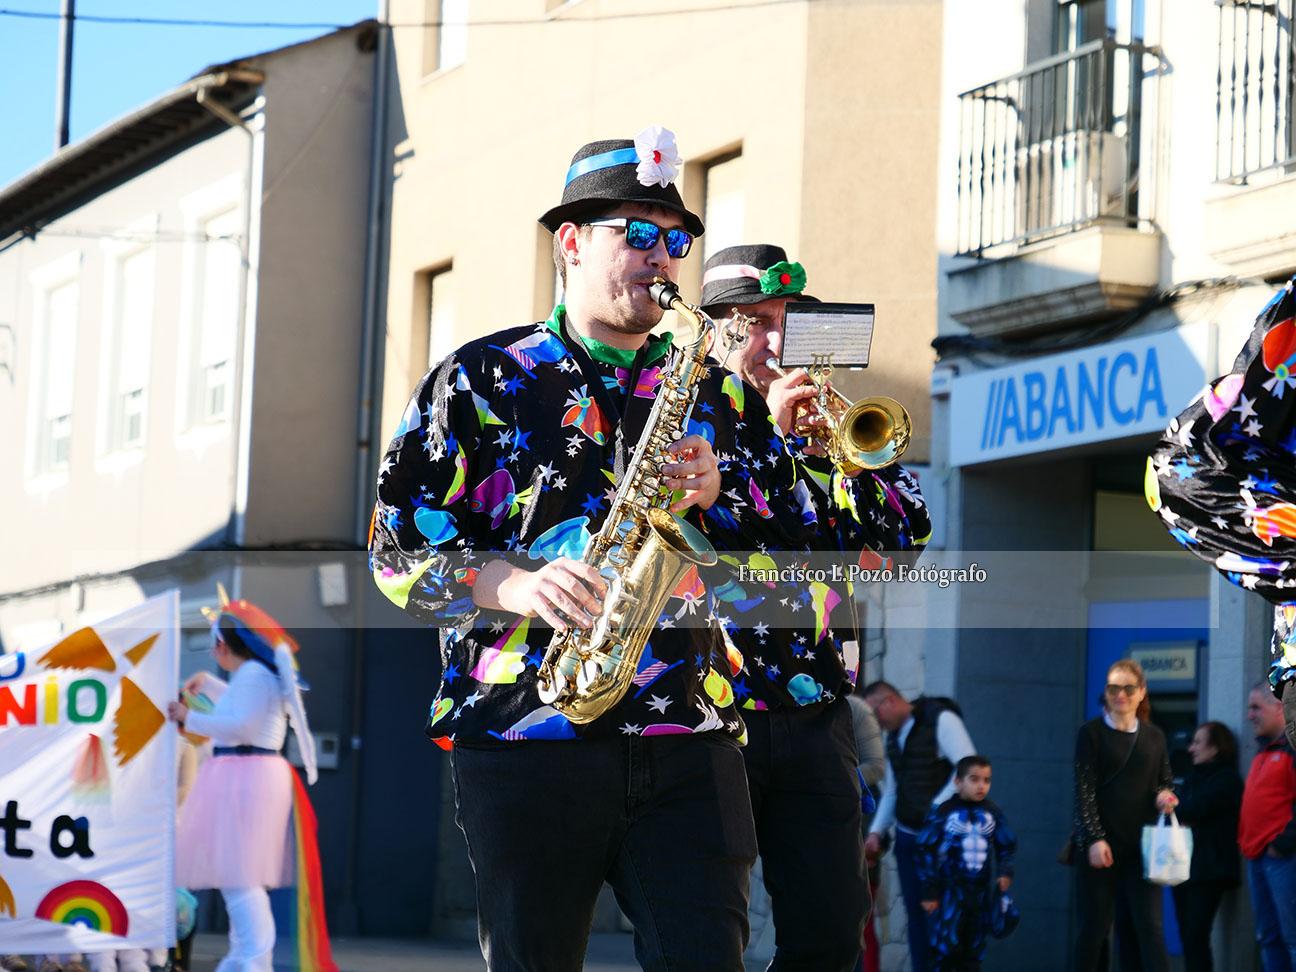 Carnaval 2020: Camponaraya sale a la calle a ritmo de comparsa 124